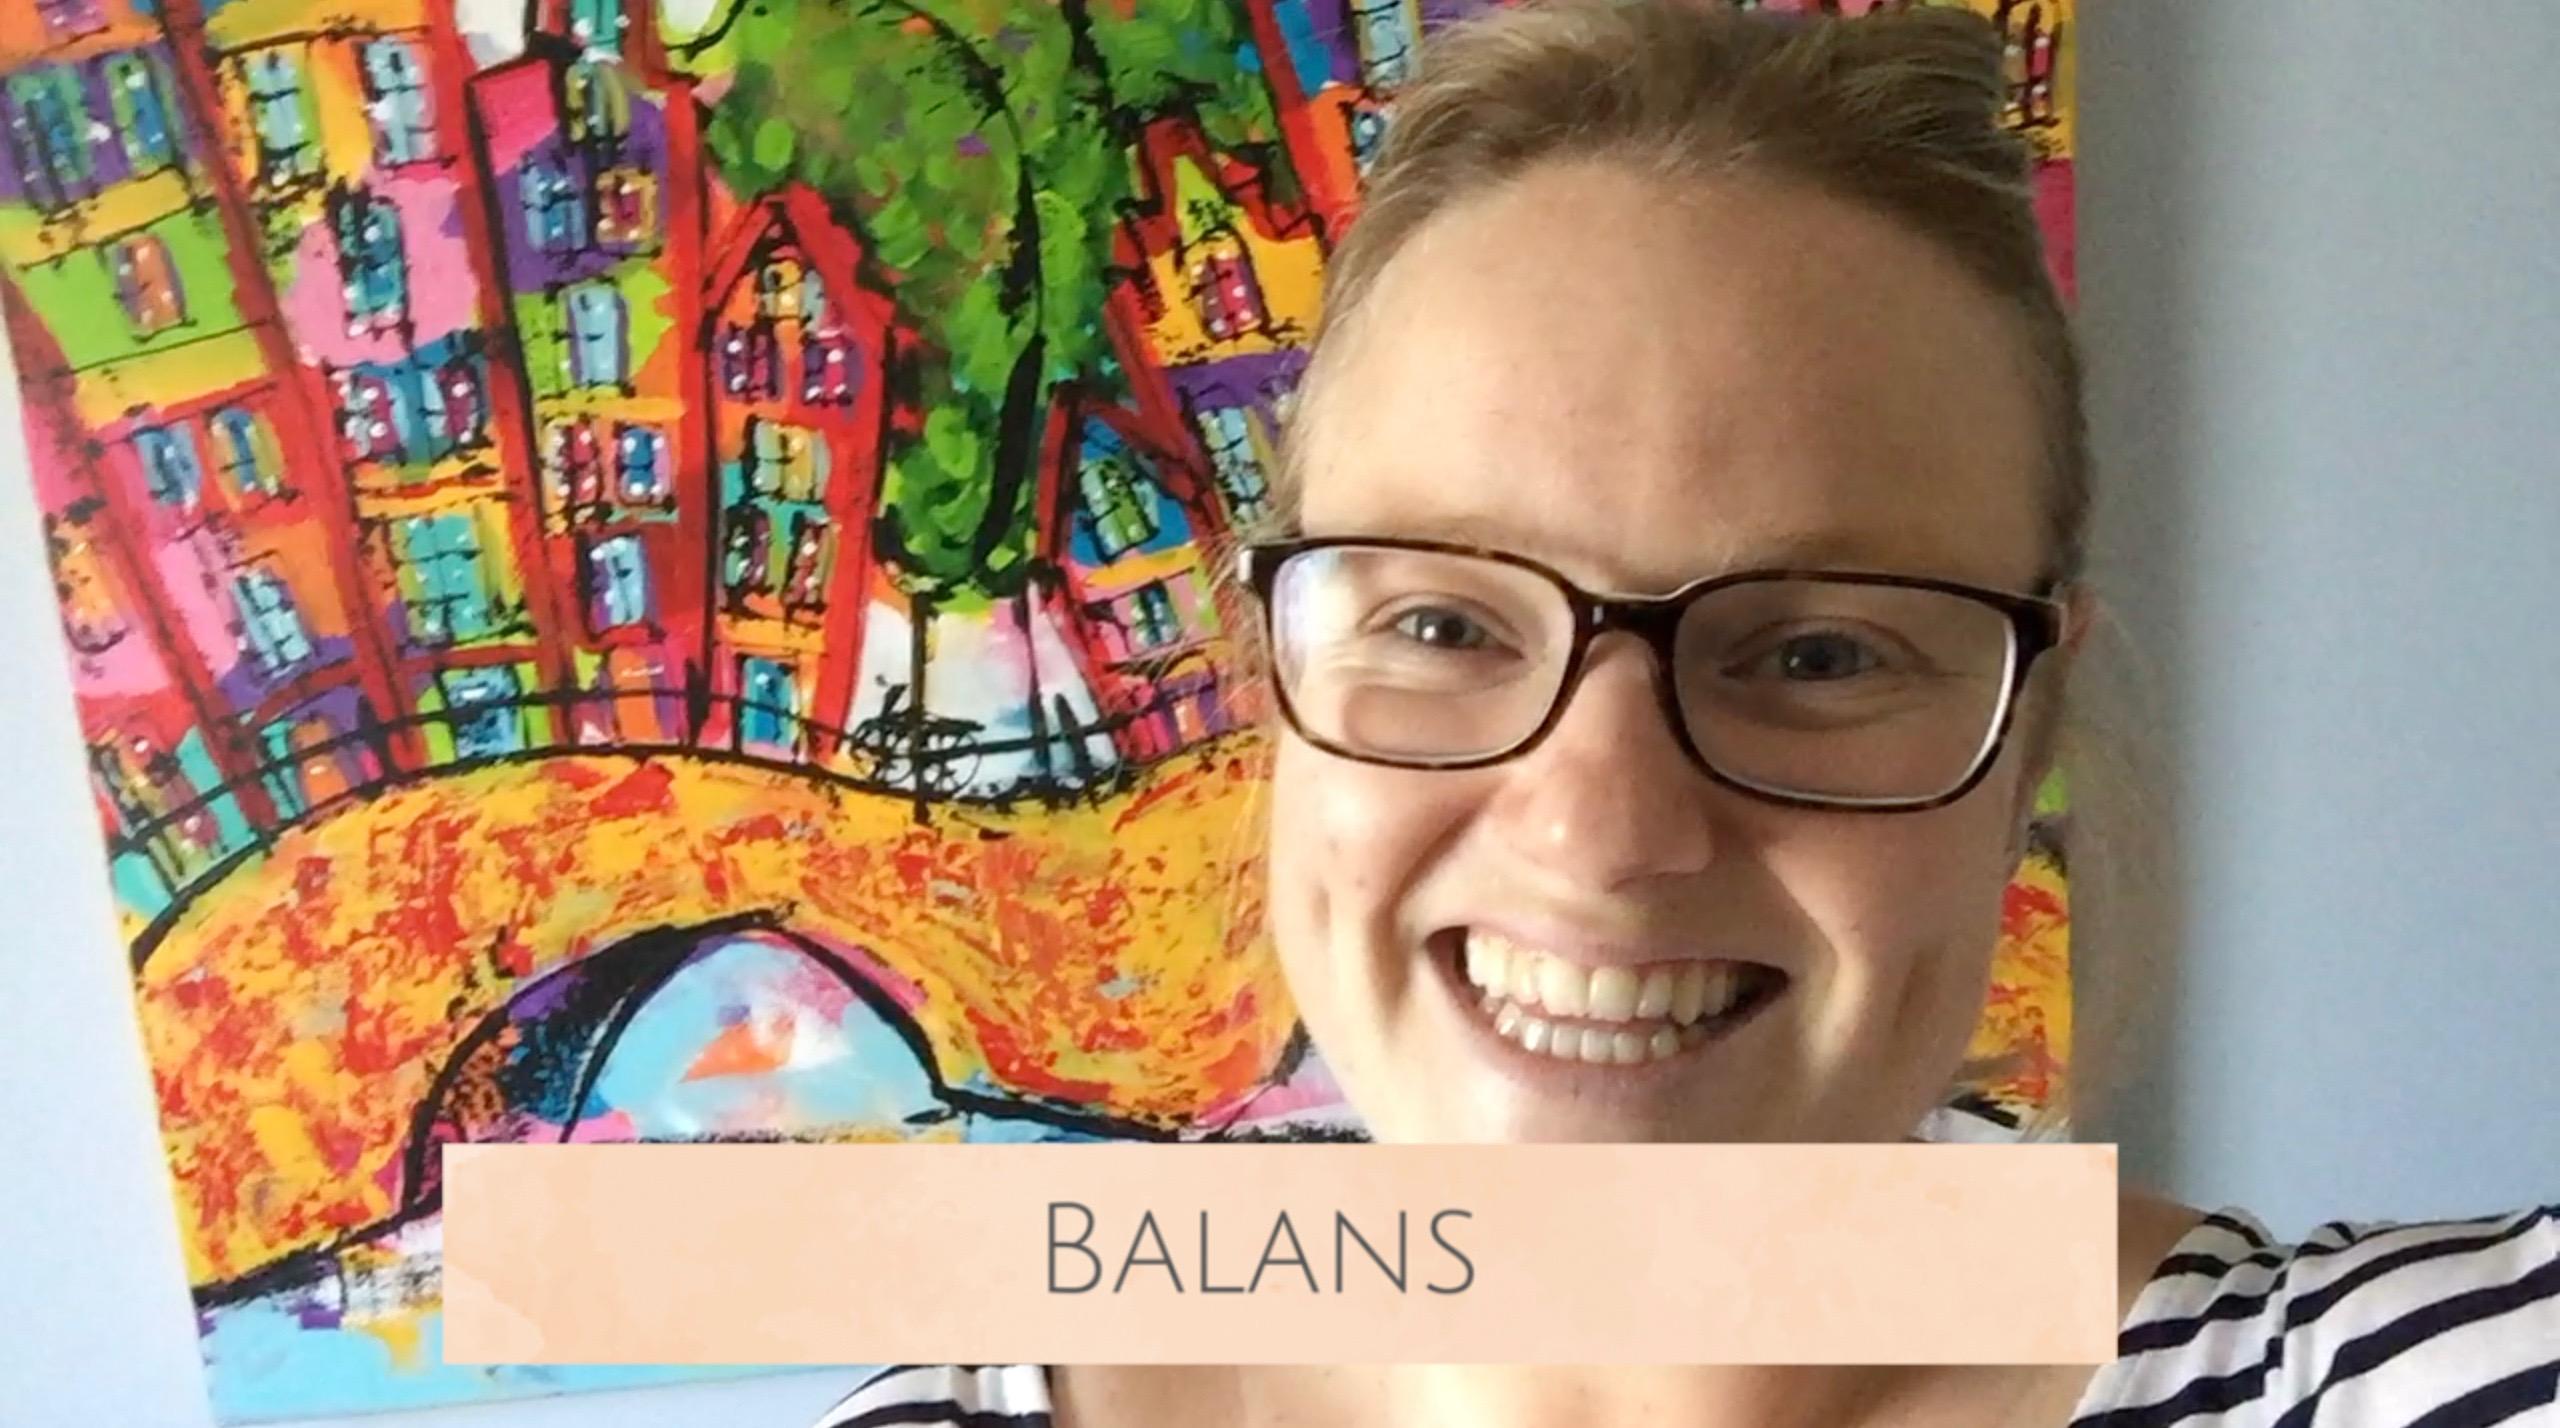 Vlog #3: Balans